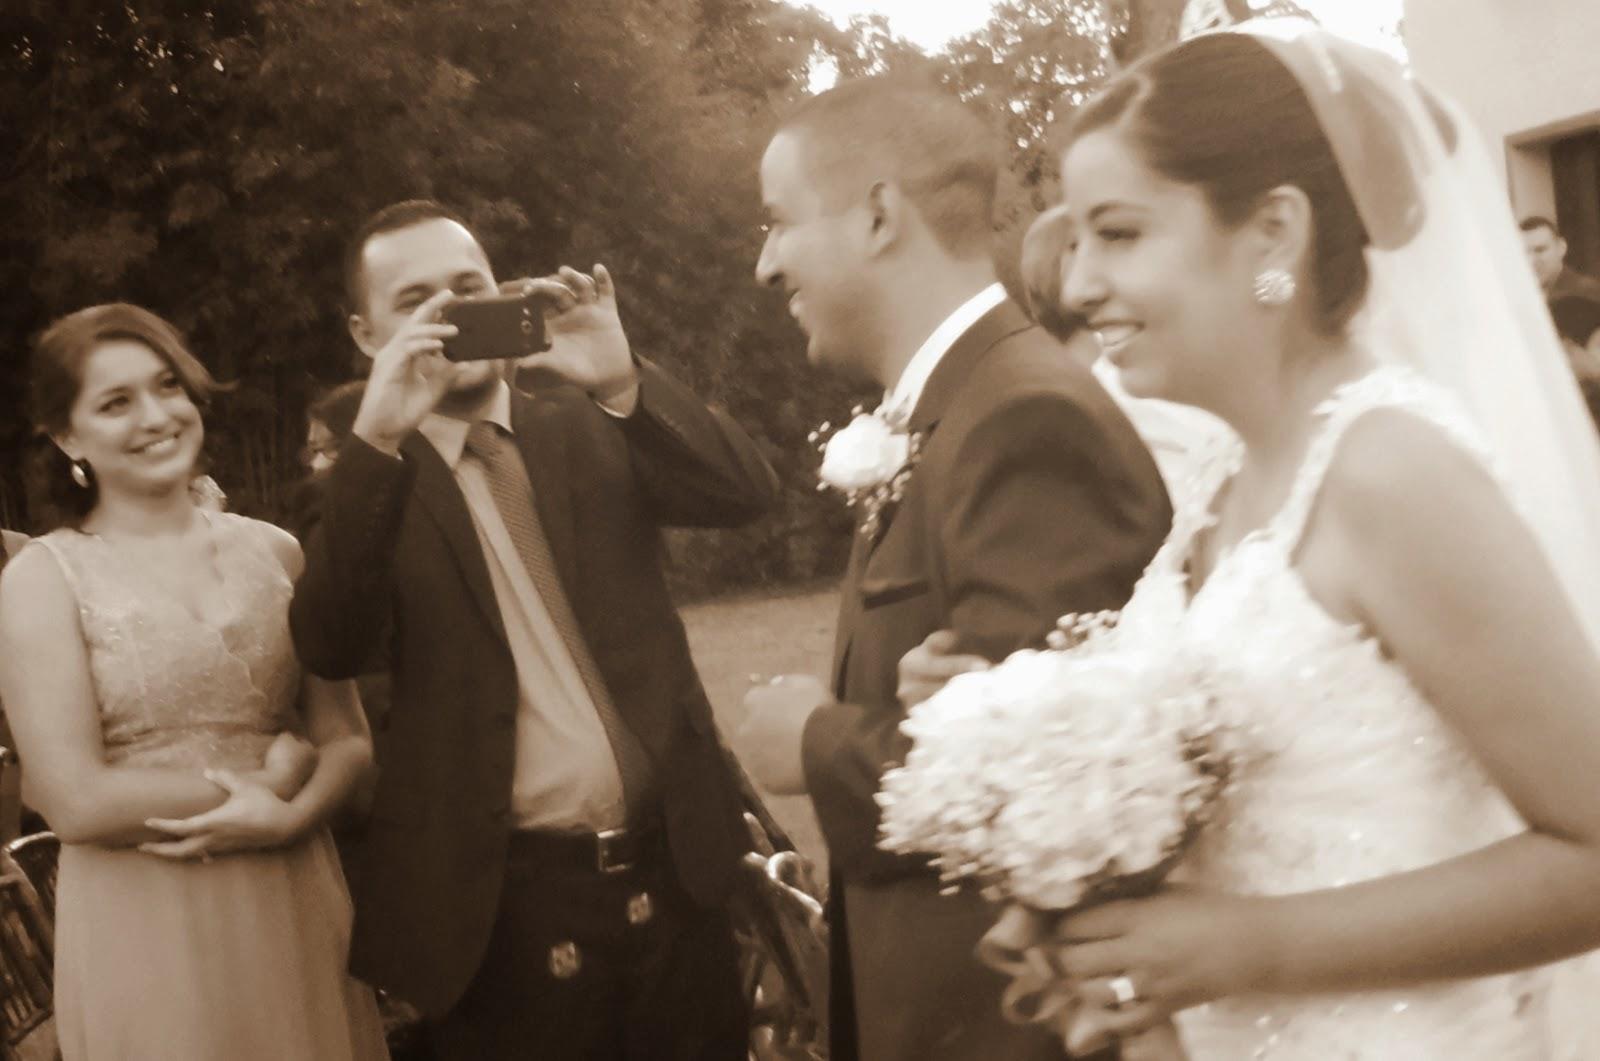 Boda al aire libre, los recién casados, novios felices